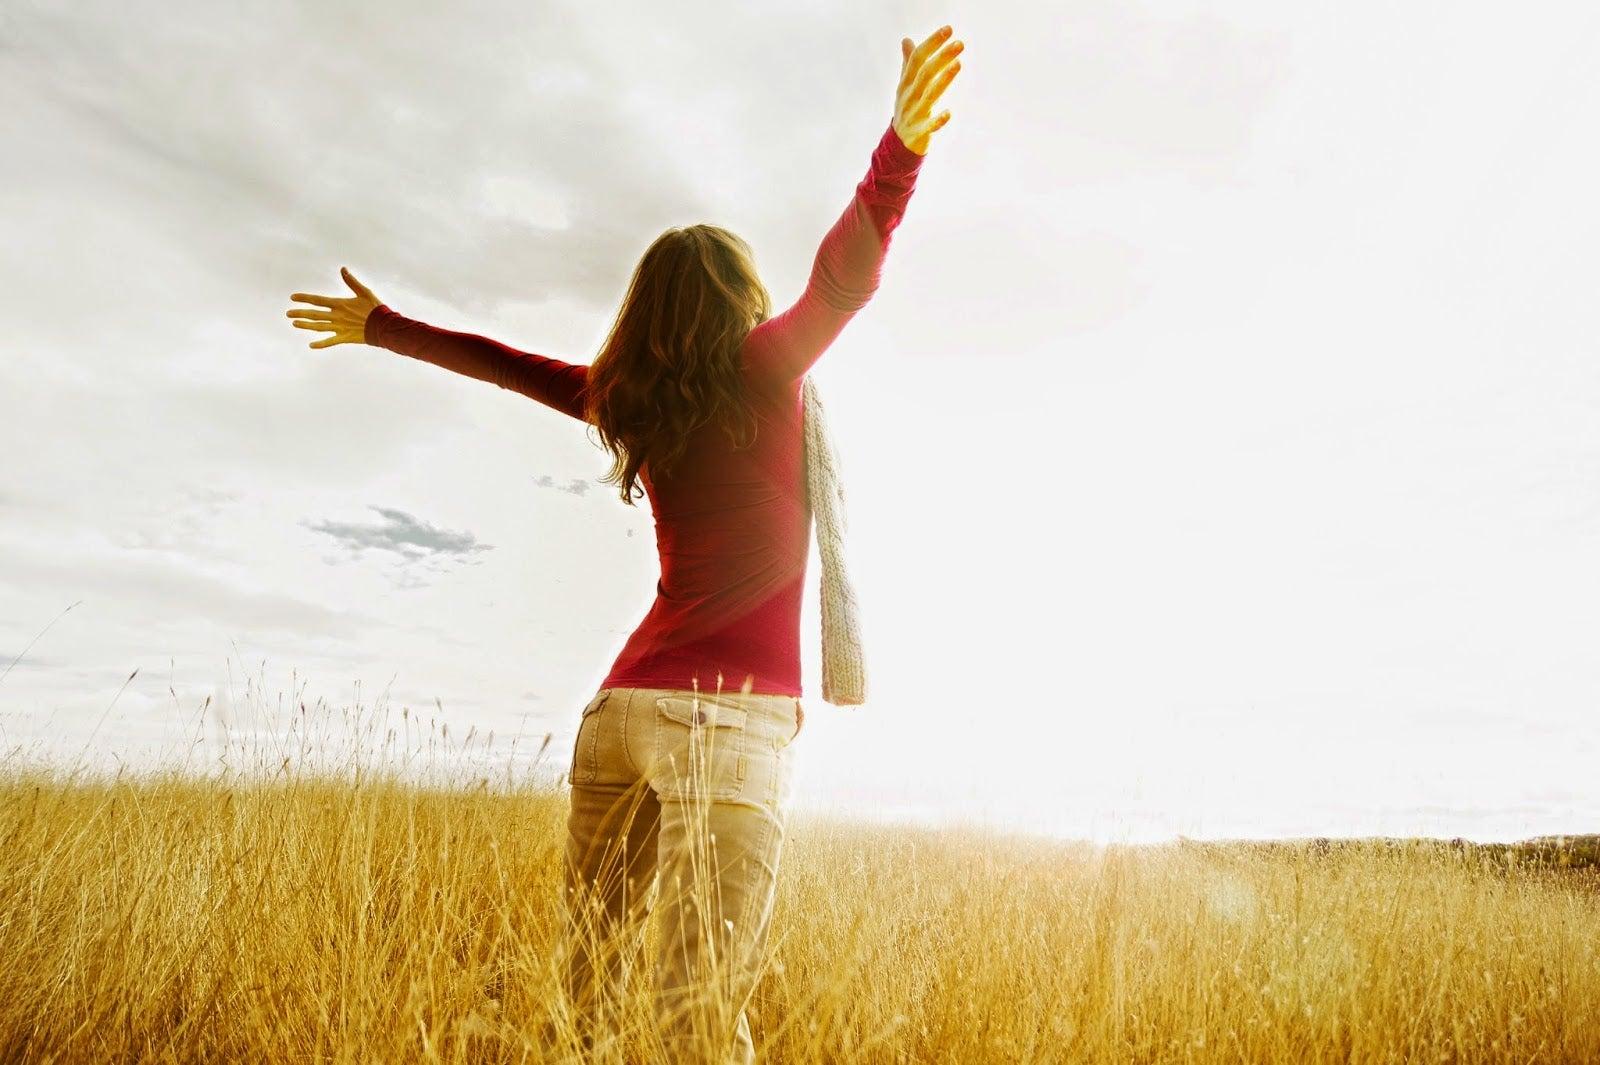 La libertad no está fuera, sino dentro de nosotros mismos